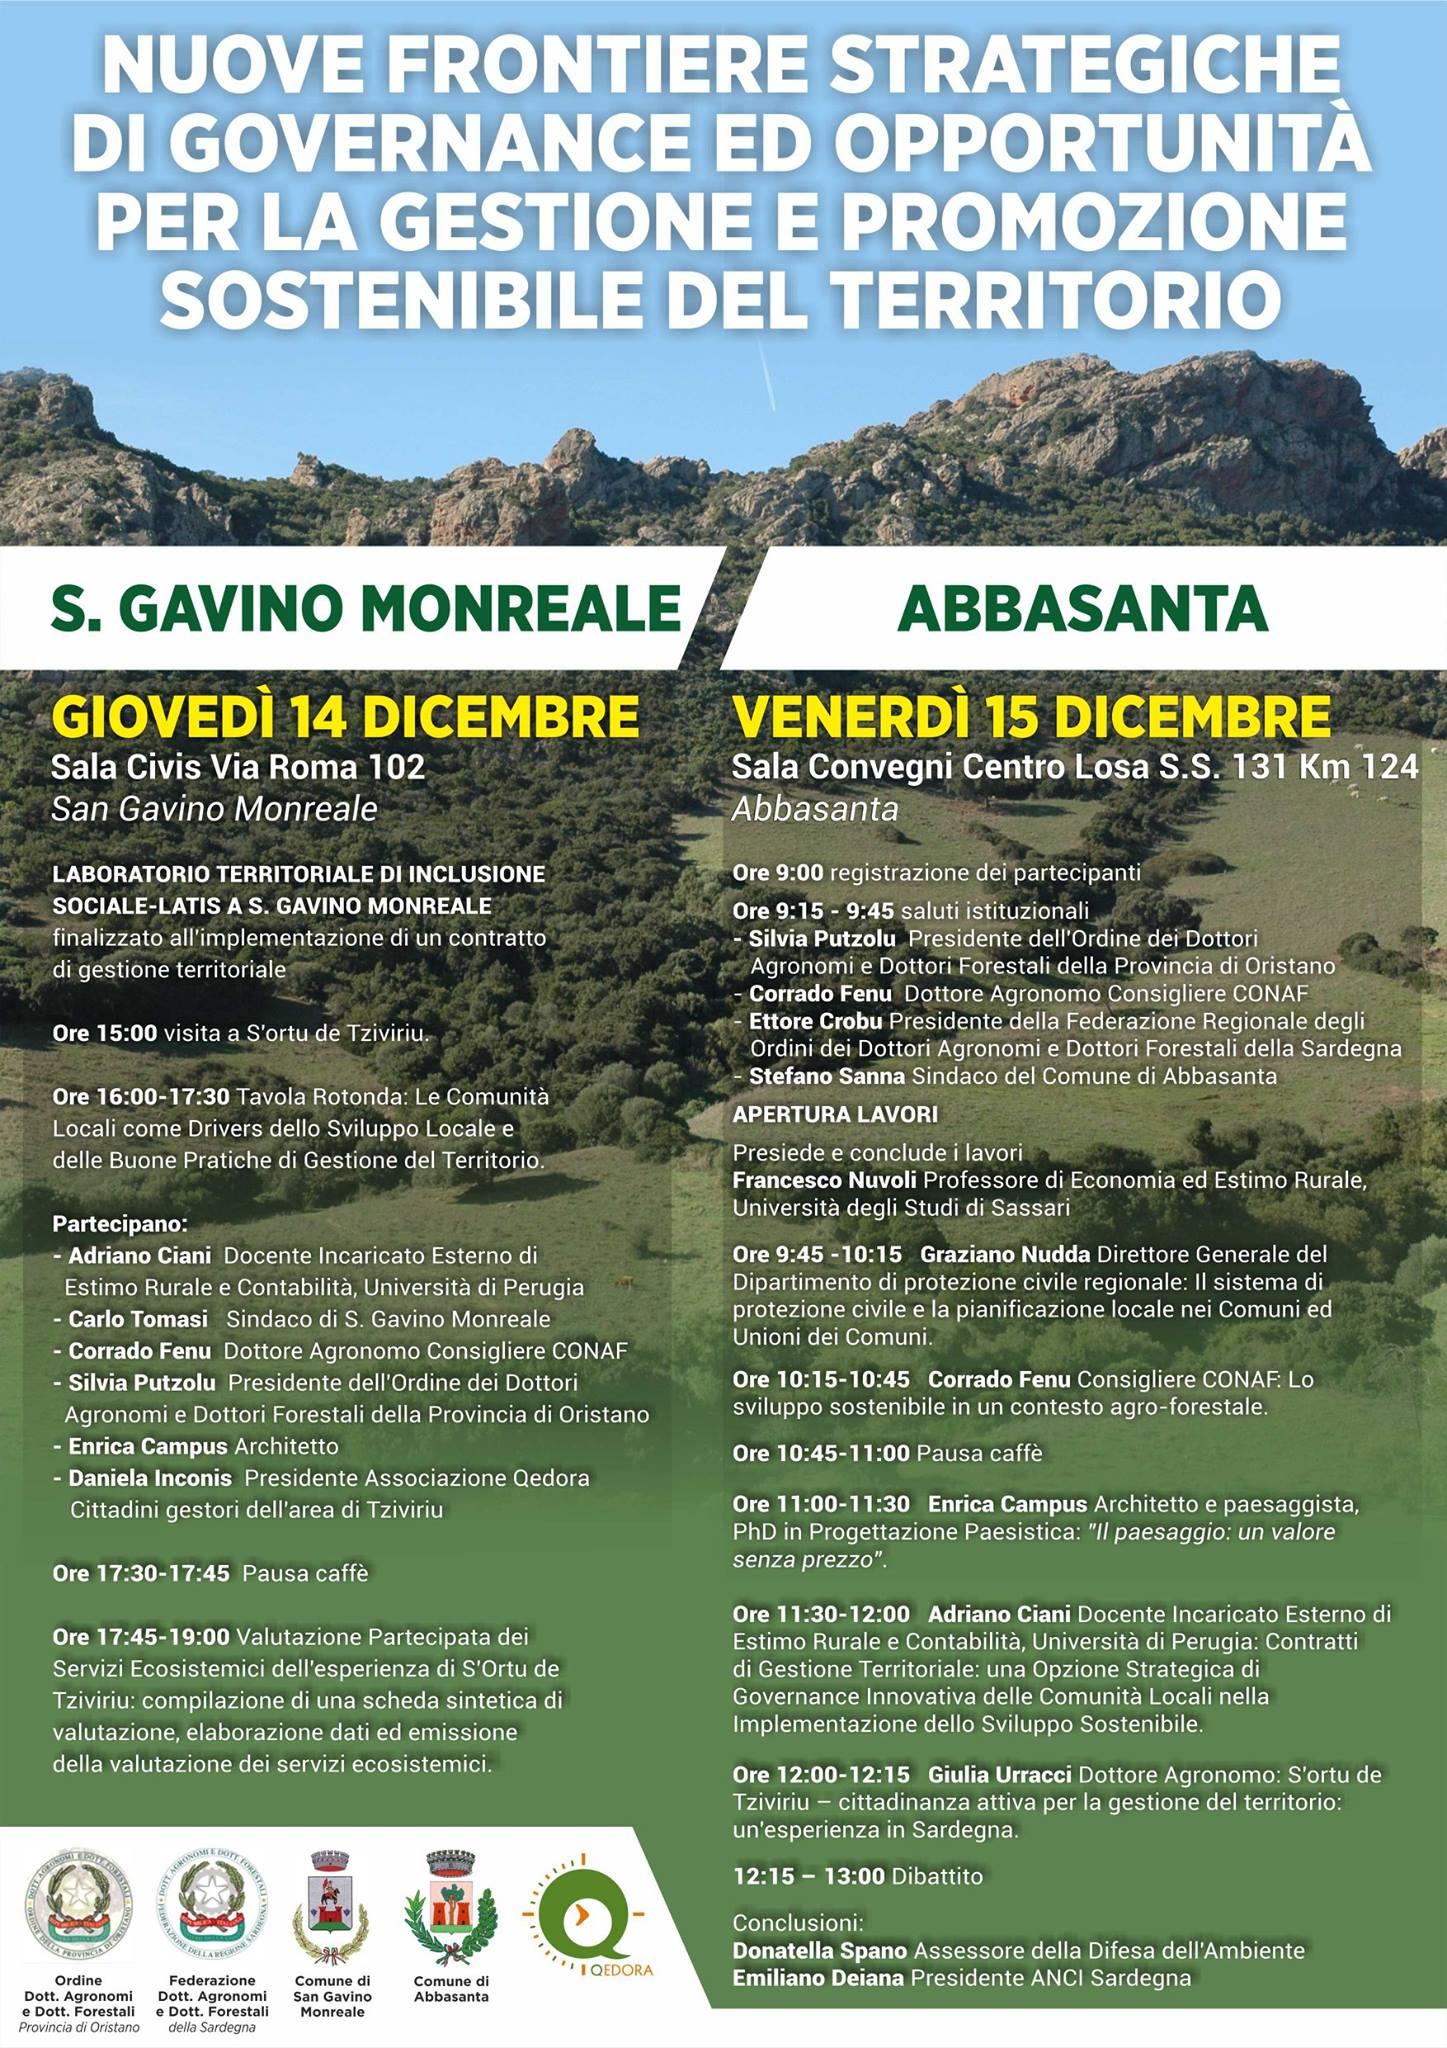 Promozione sostenibile del territorio, un convegno a San Gavino